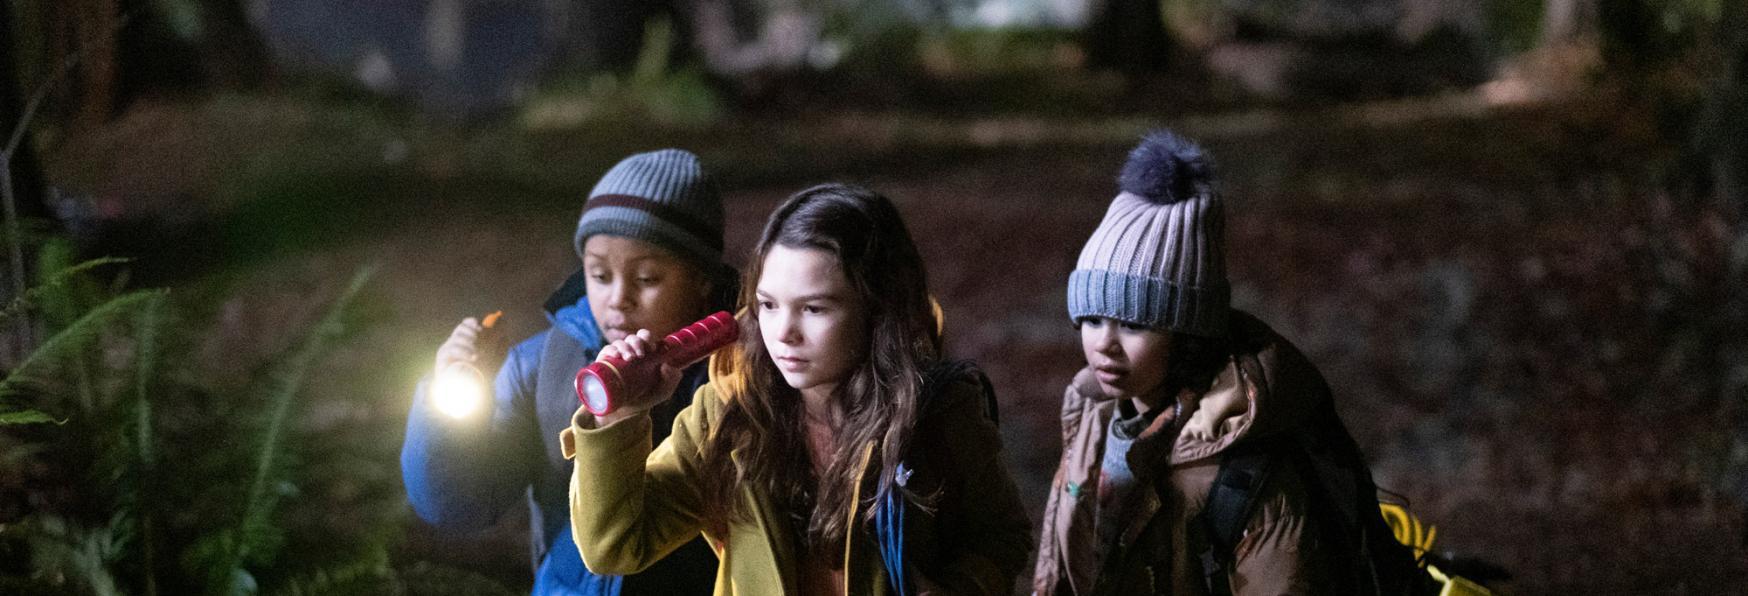 Home Before Dark: Trama, Cast e altre Informazioni sulla nuova Serie TV di Apple TV+